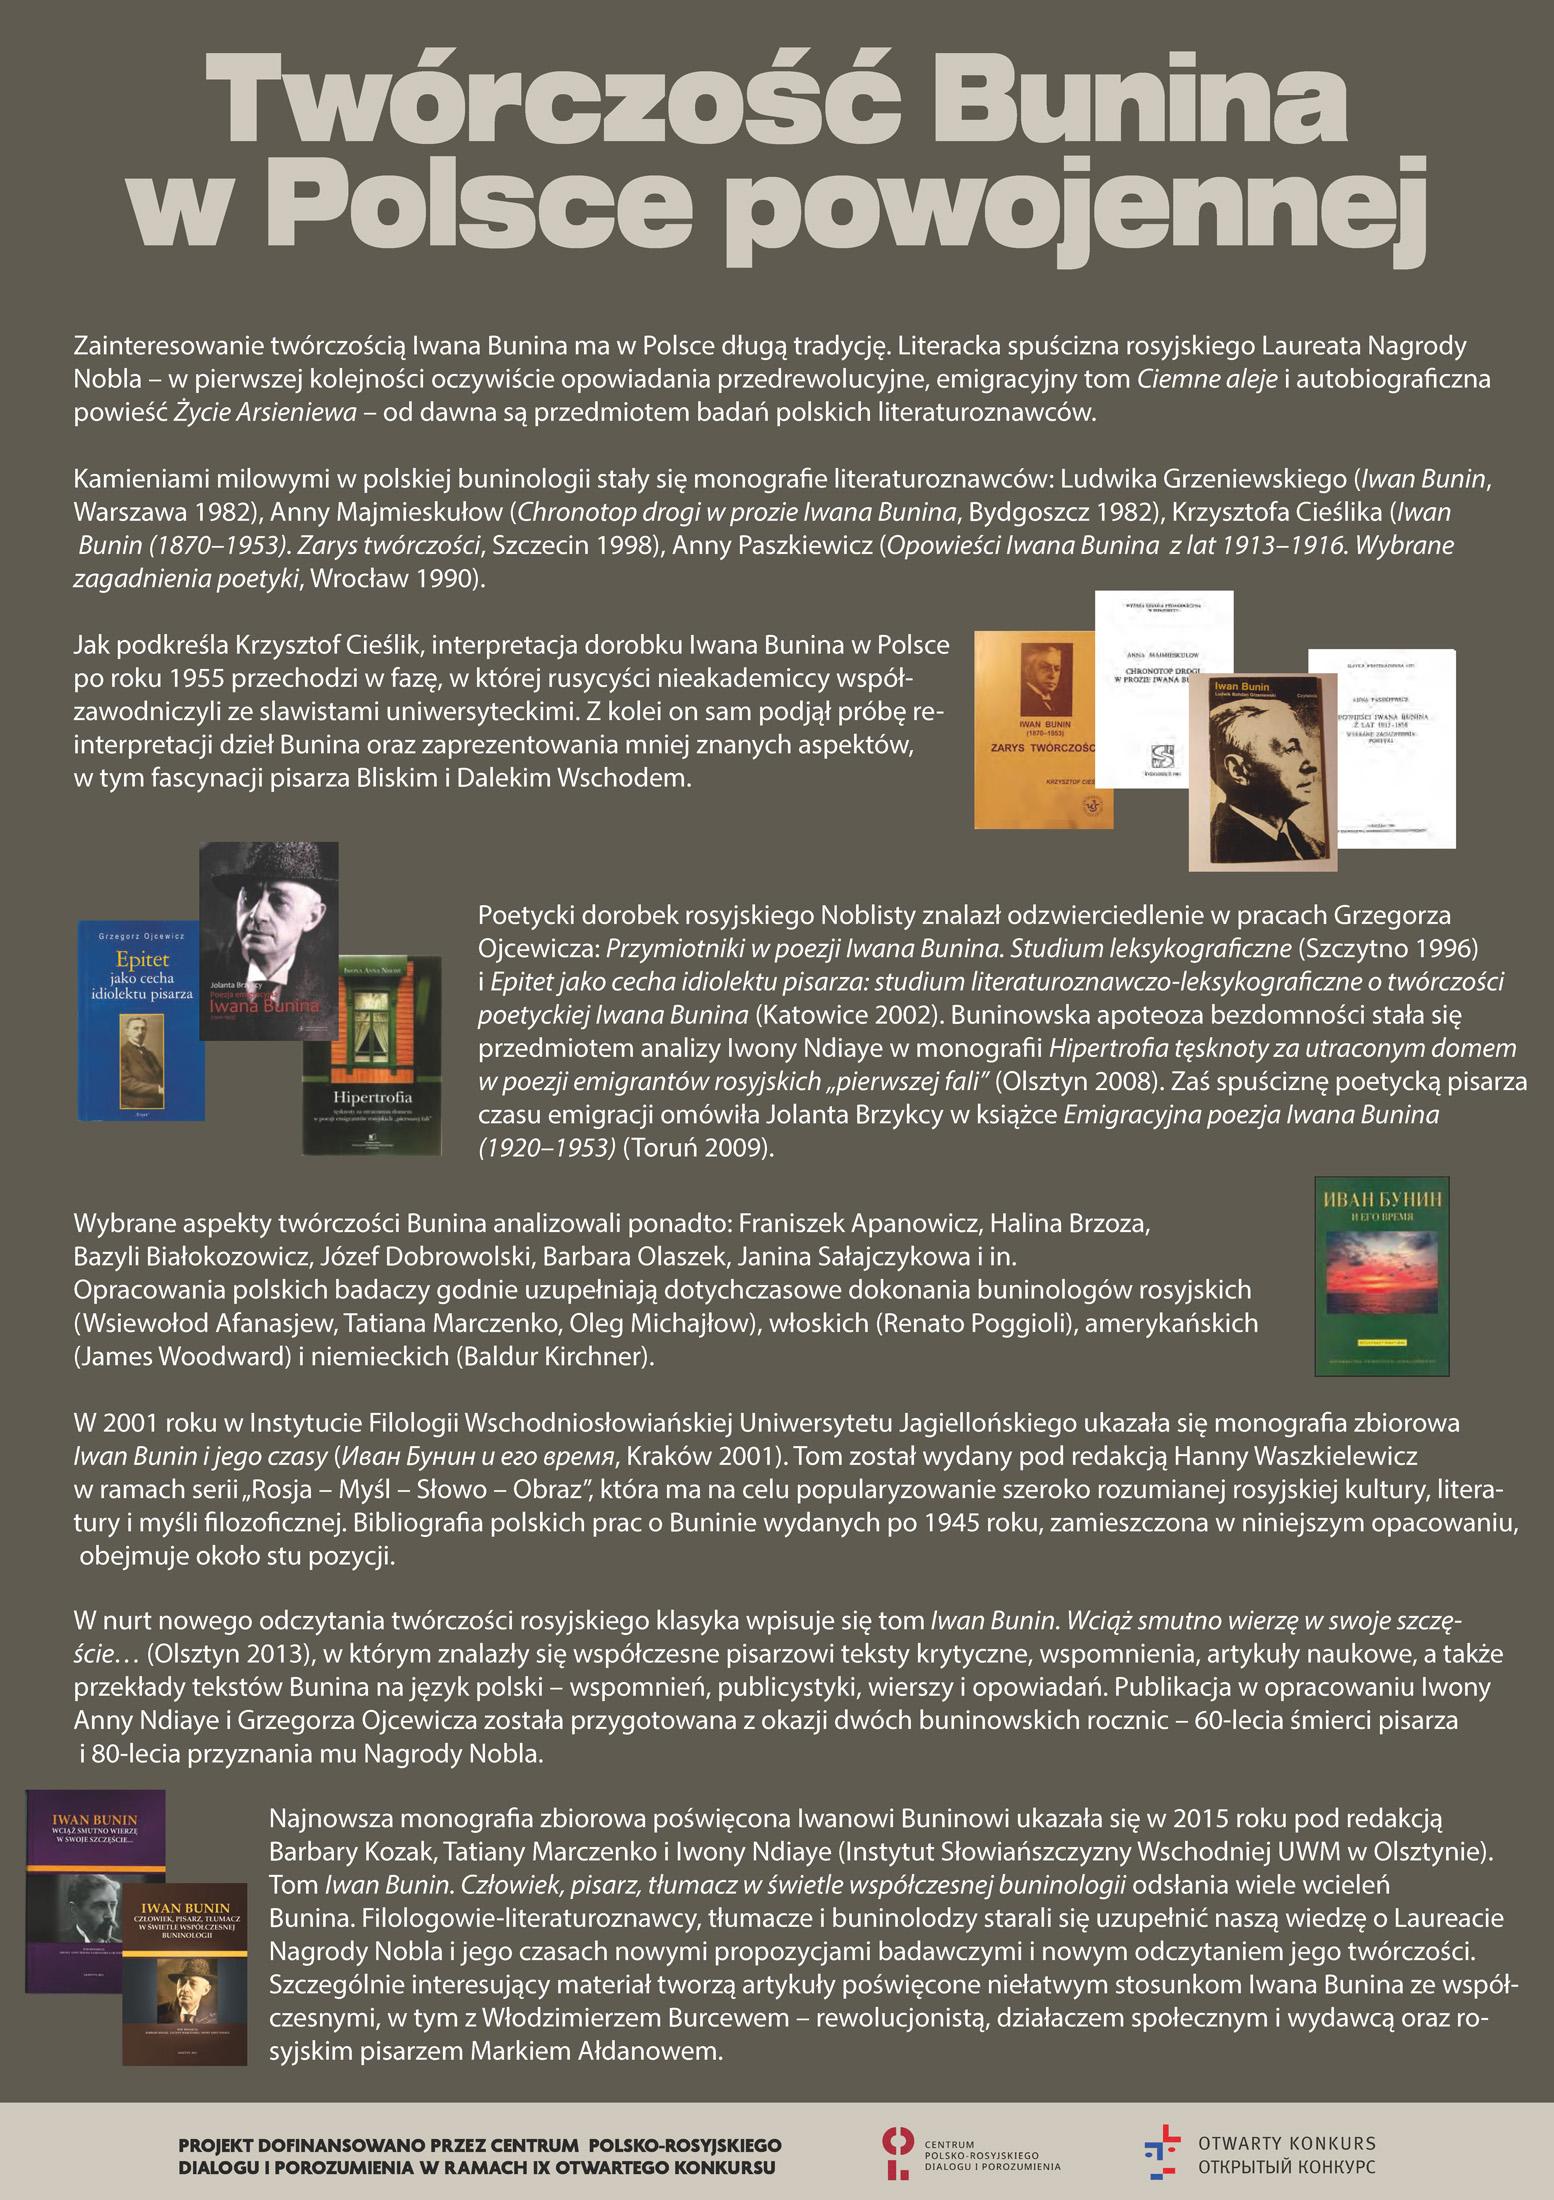 Ivan Bunin strona 7